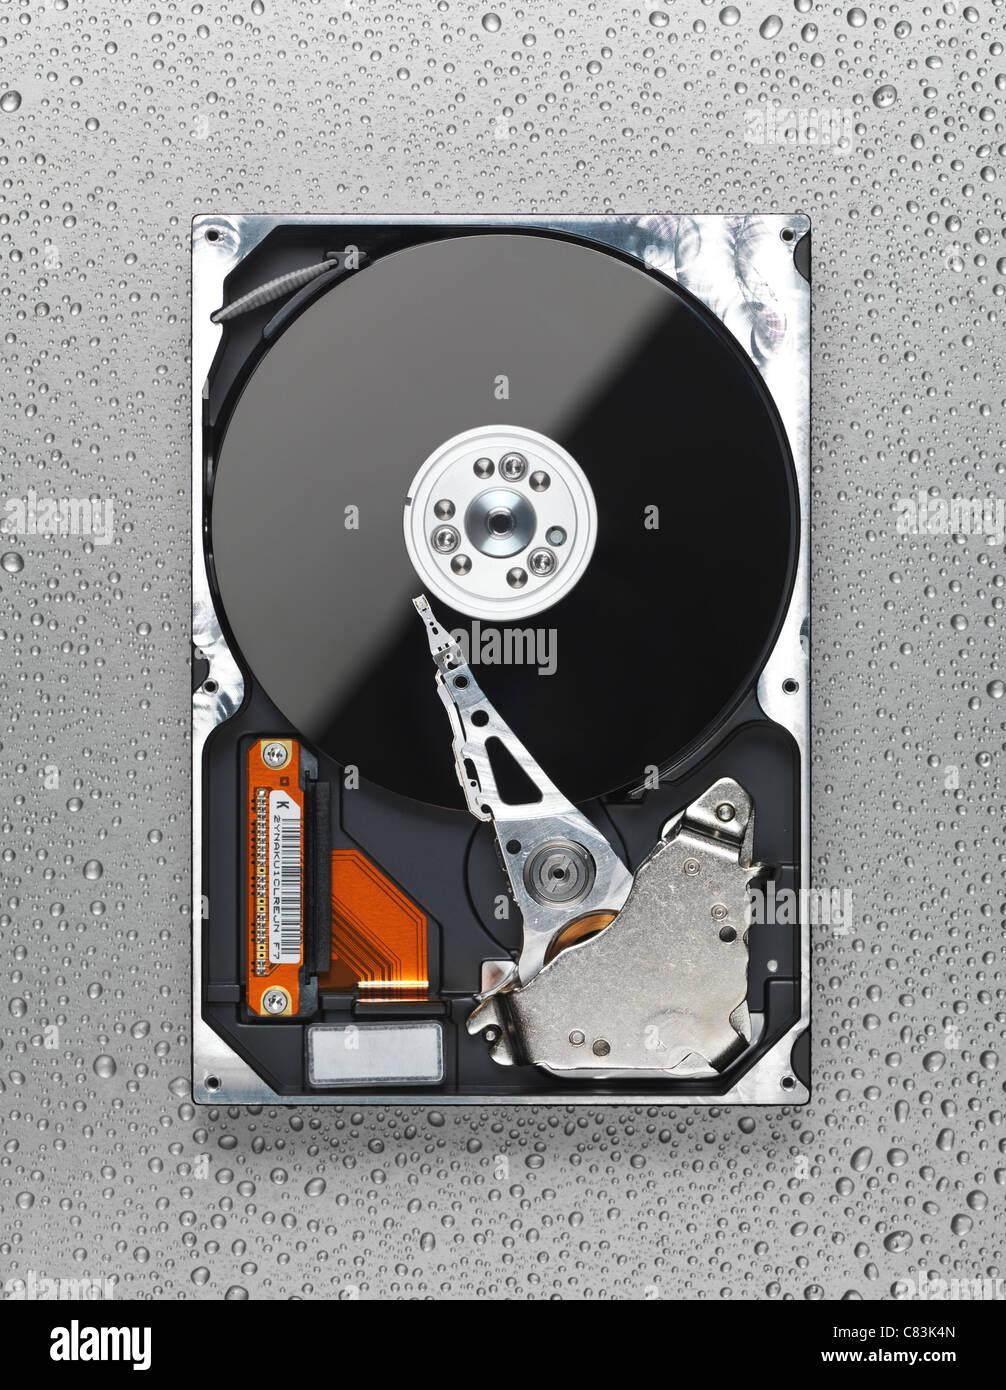 Abrir PC disco duro sobre la superficie metálica húmeda Imagen De Stock